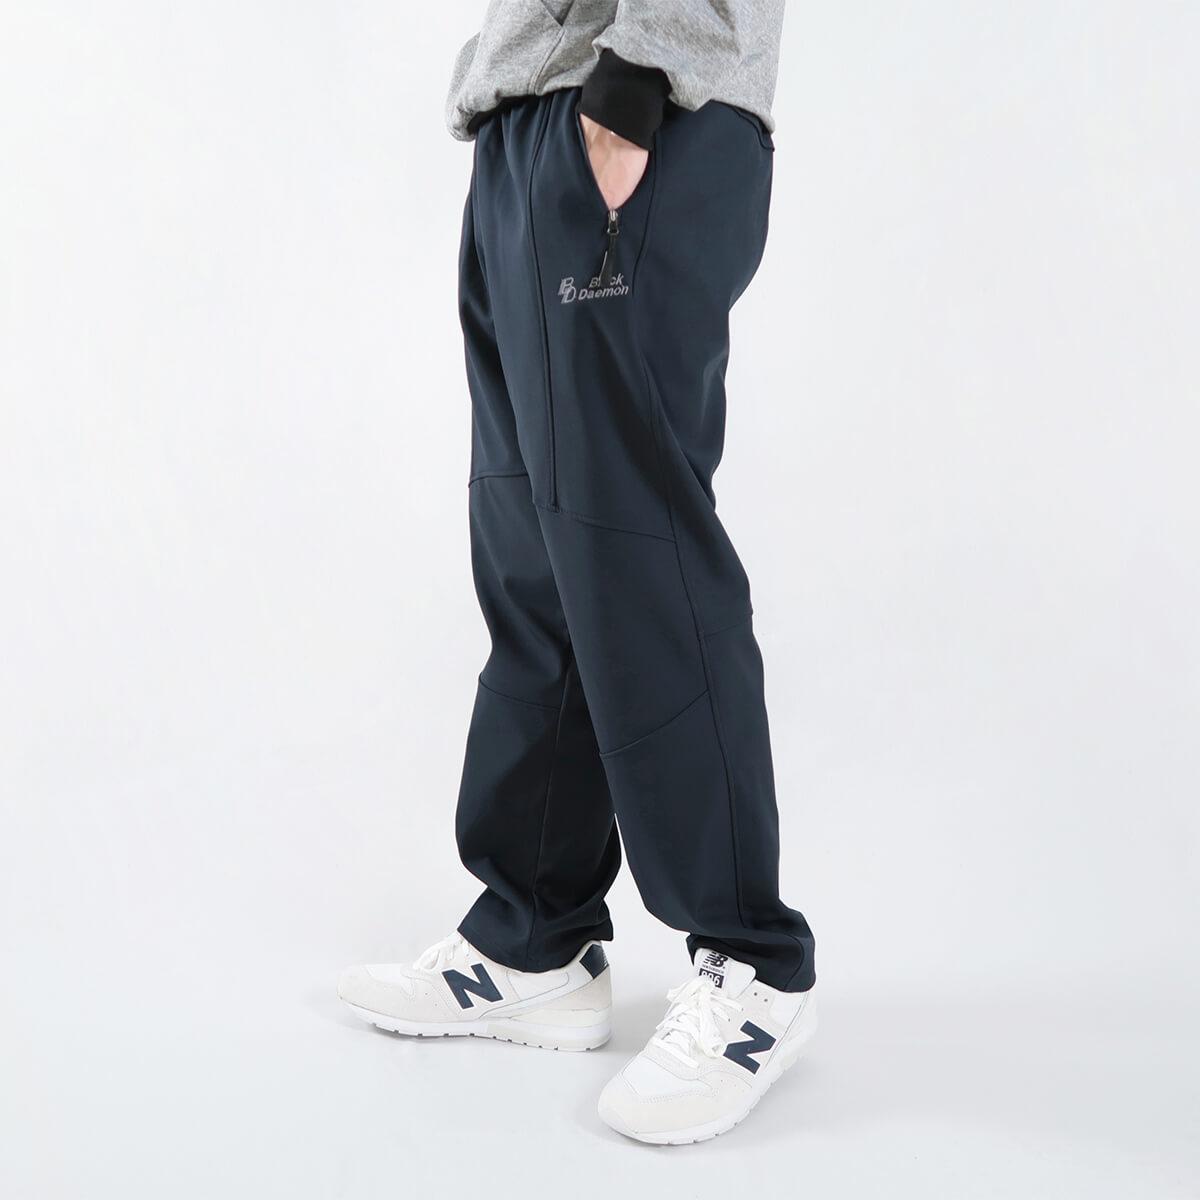 保暖厚刷毛軟殼褲 防風防潑水透氣保暖衝鋒褲 保暖褲 內裡刷毛褲 休閒長褲 黑色長褲 WARM THICK FLEECE LINED SOFTSHELL PANTS OUTDOOR PANTS (321-356-08)深藍色、(321-356-21)黑色、(321-356-22)藍綠色 腰圍M L XL 2L(28~40英吋) [實體店面保障] sun-e 9